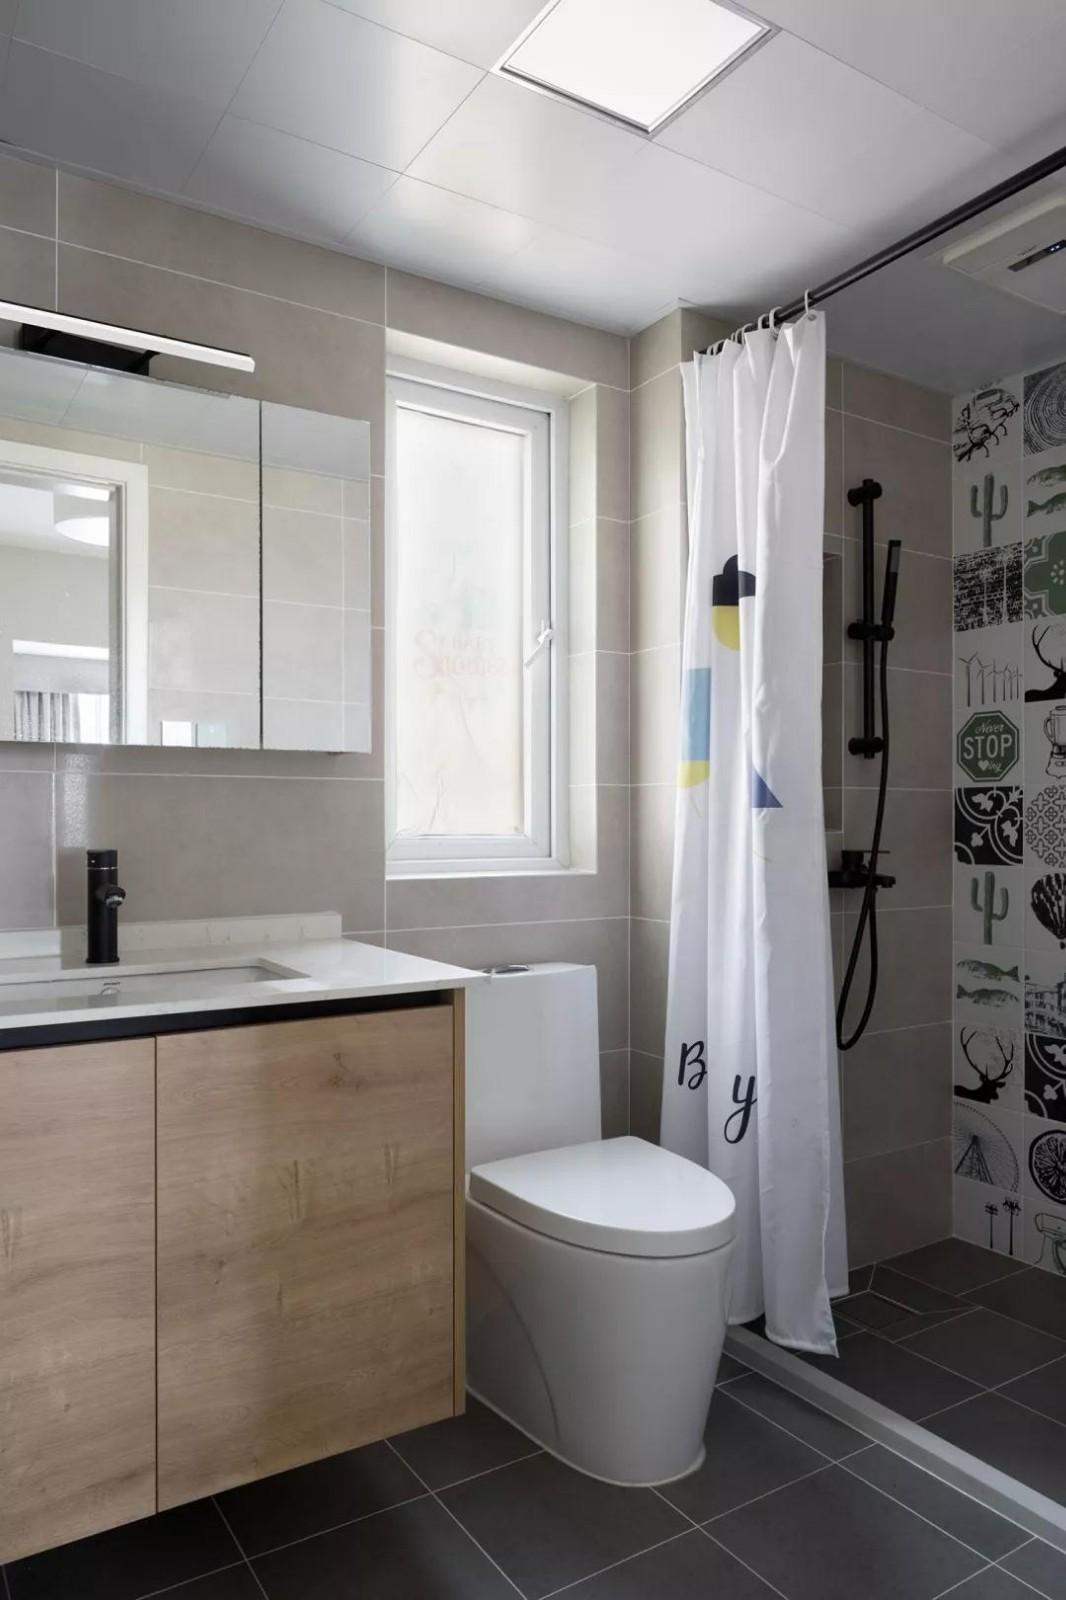 2020歐式衛生間裝修圖片 2020歐式浴室柜裝修圖片